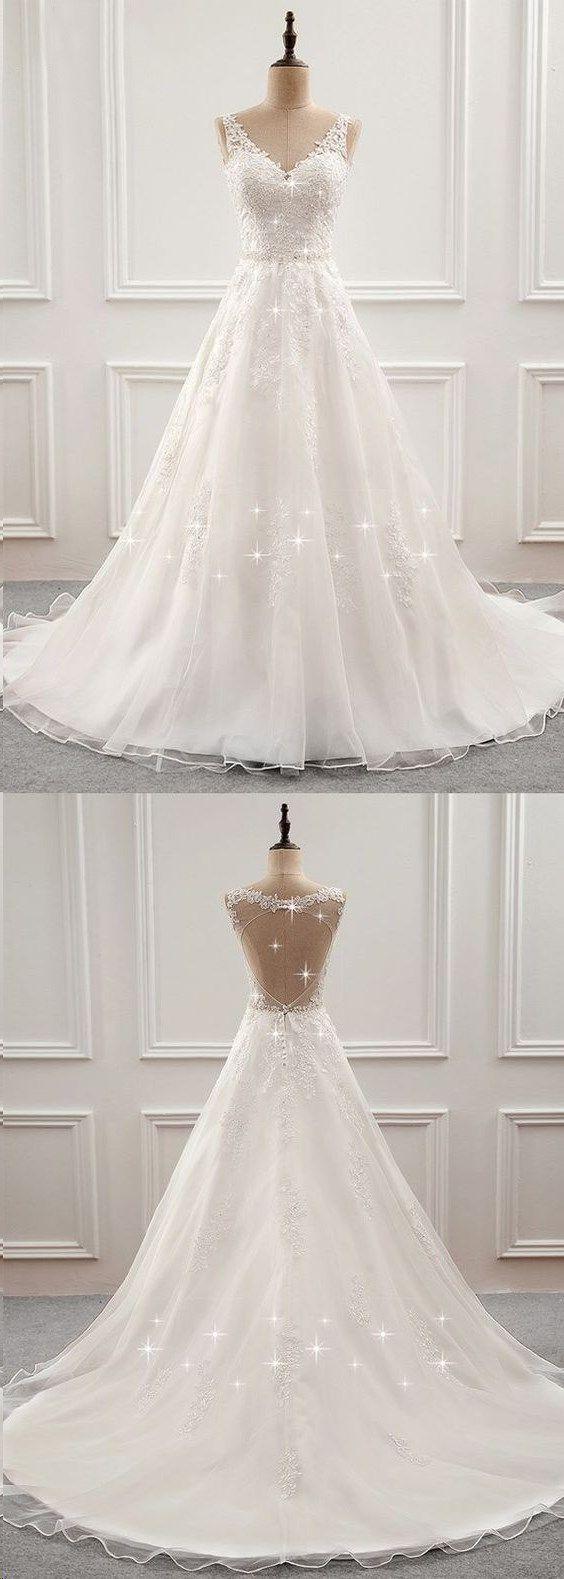 Open back wedding dresses long train romantic appliques simple